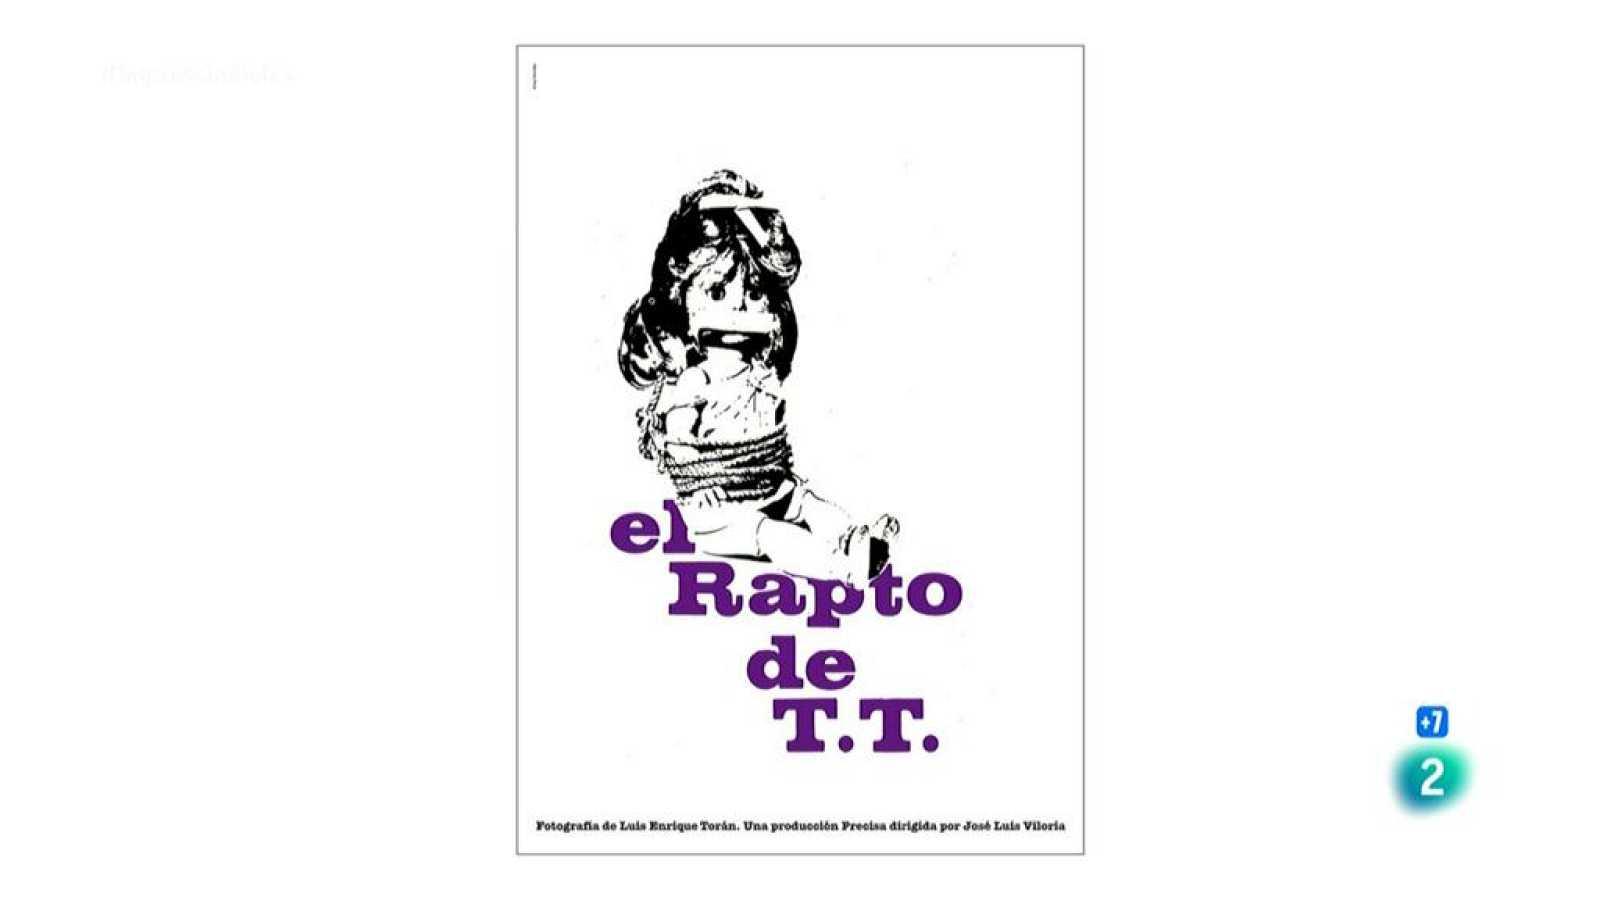 Imprescindibles - Cuando Cruz Novillo hizo su primer cartel de cine